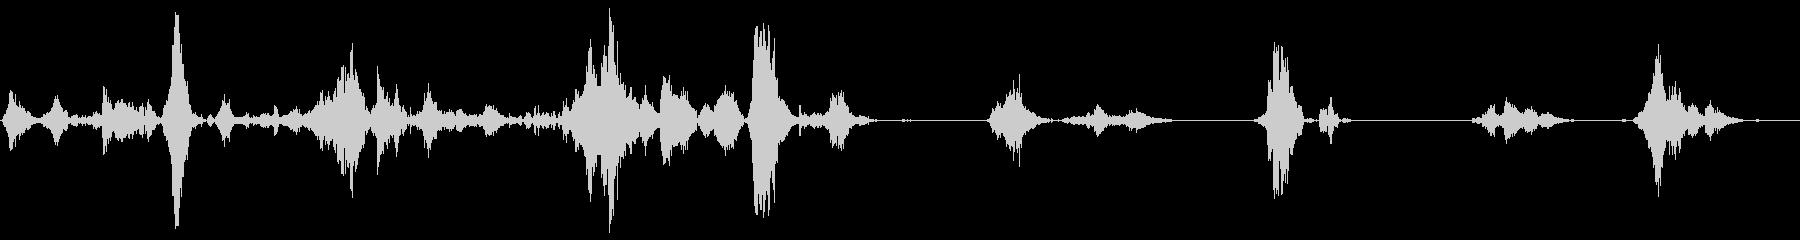 コミュニケーションスクランブルスタ...の未再生の波形